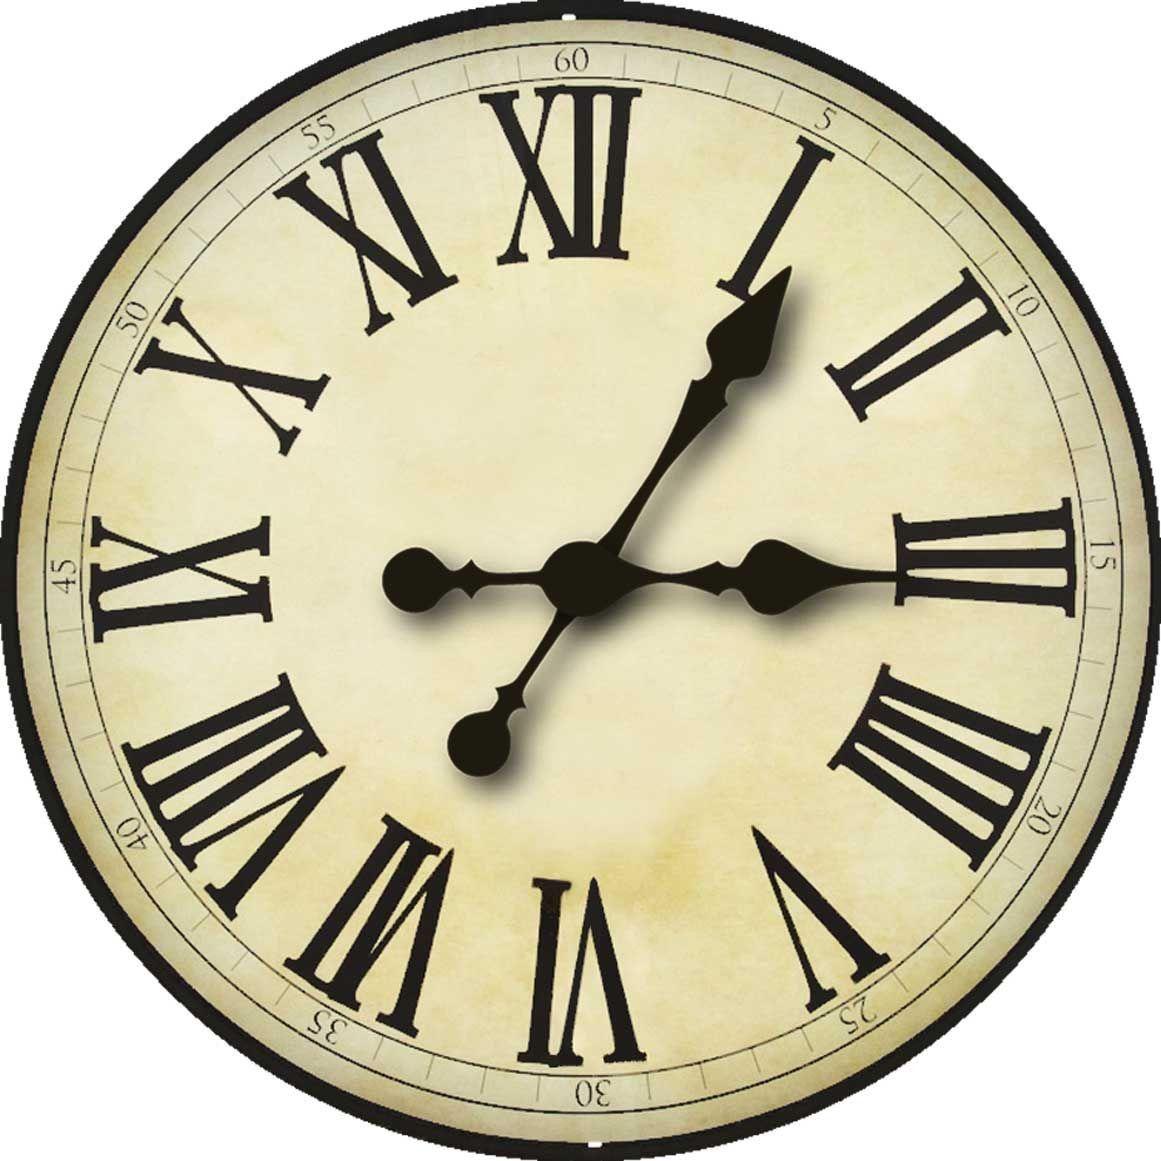 15 Clock Face Worksheet Alphabet Worksheets